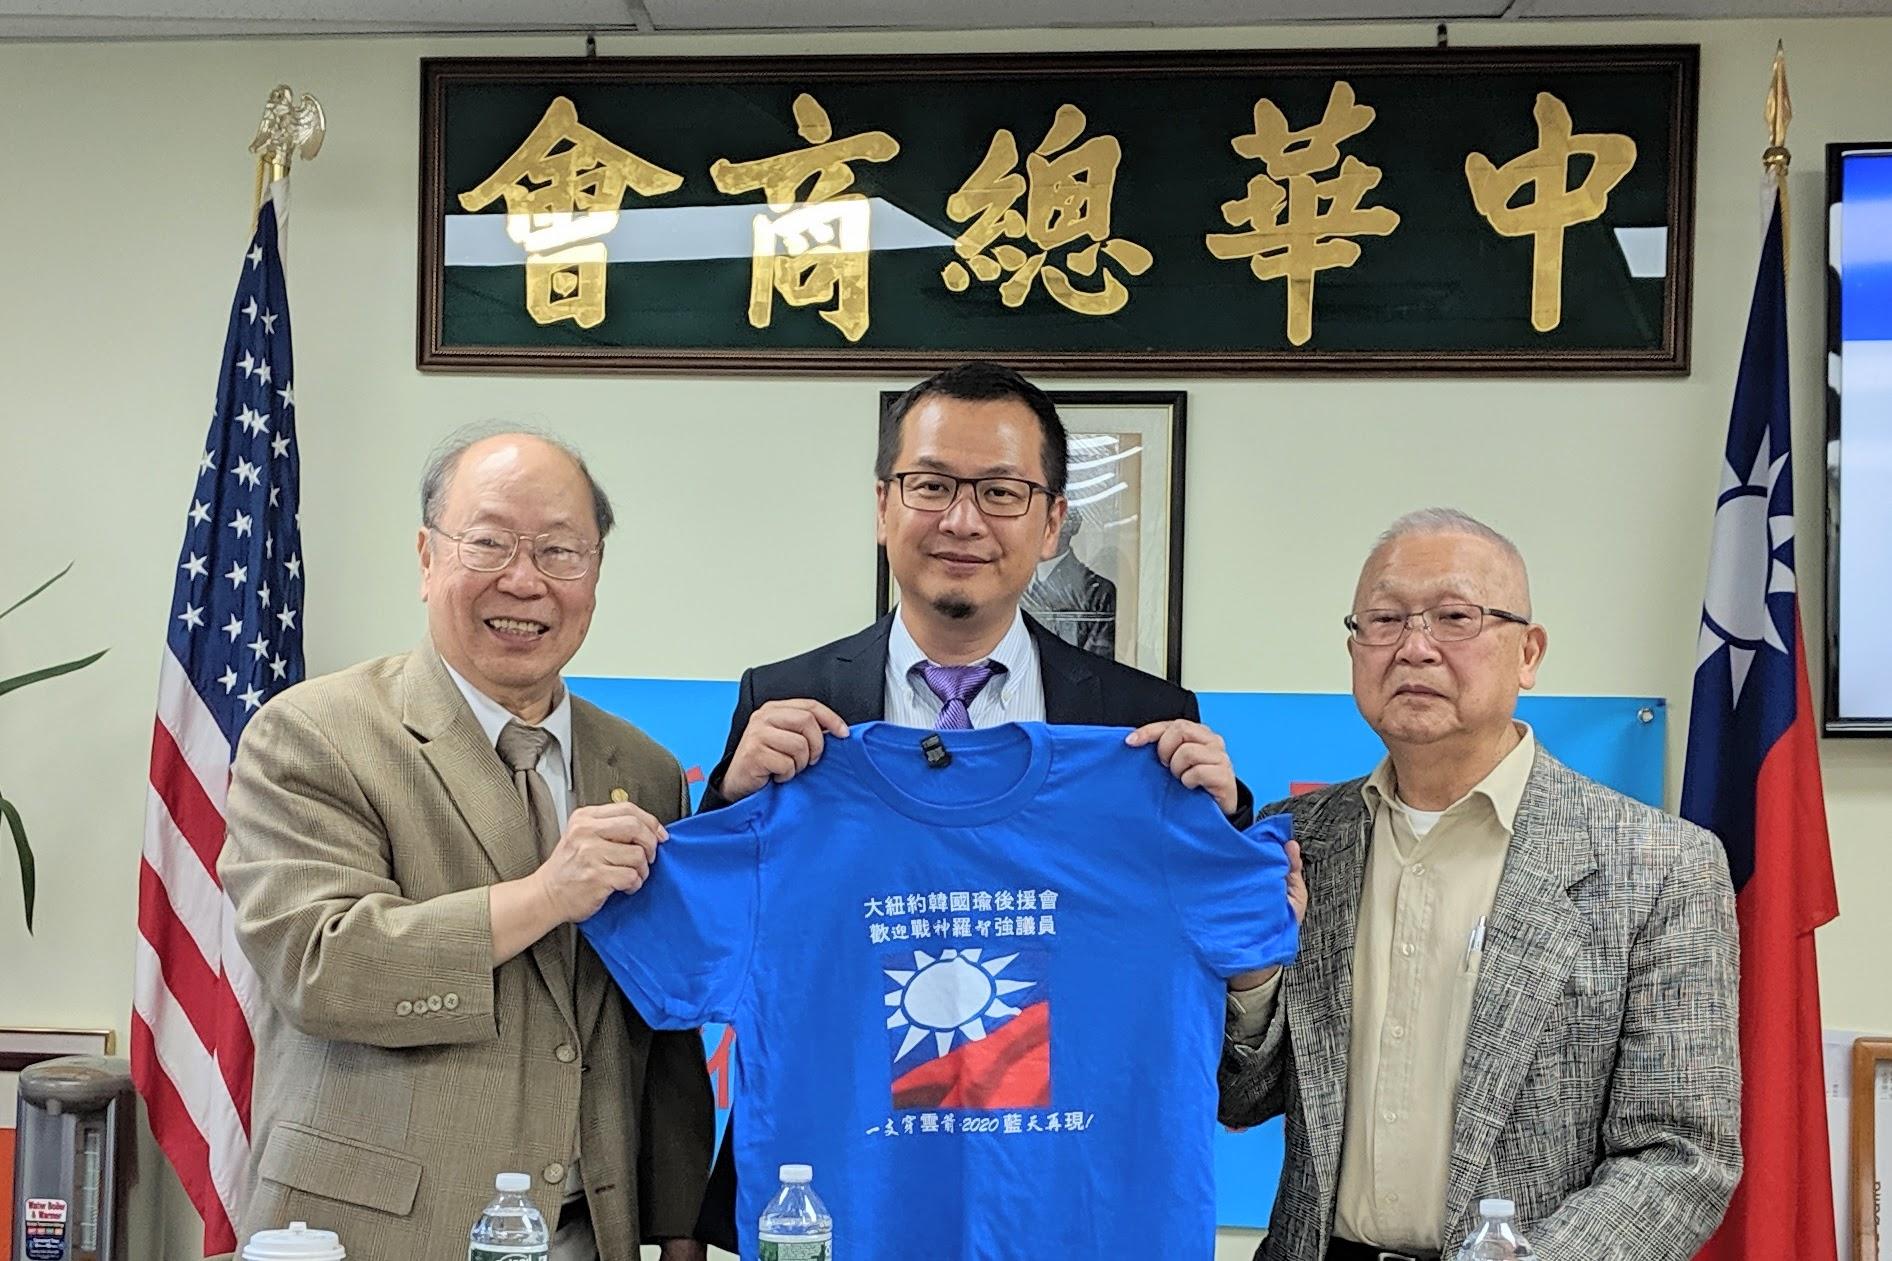 國民黨中生代、台北市議員羅智強(中)談到,黨內必須認清民意趨向,重新思考兩岸定位和論述。(黃小堂/大紀元)